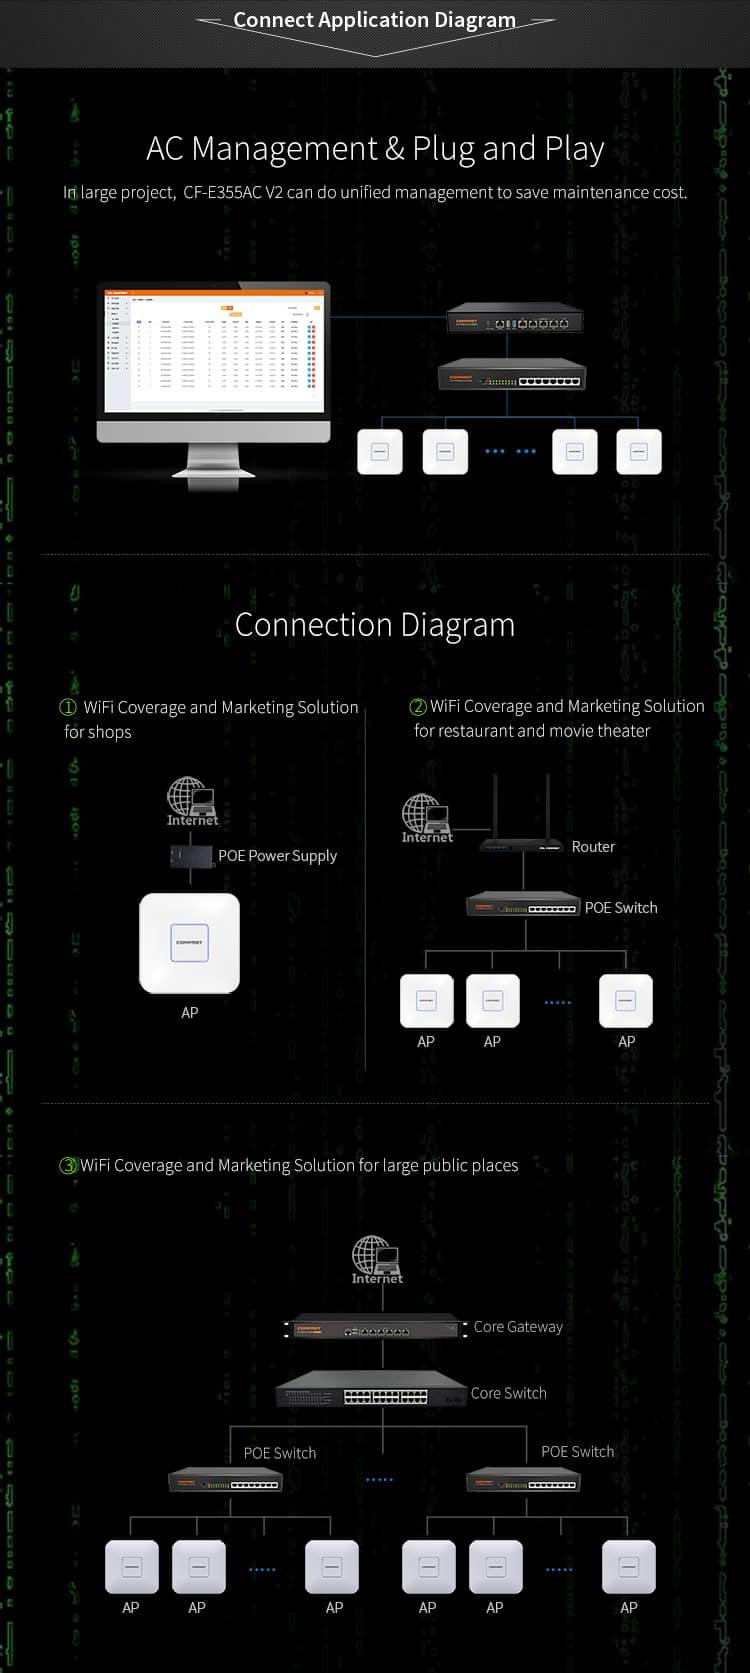 CF-E355AC V2 AC Managament & Plug and Play